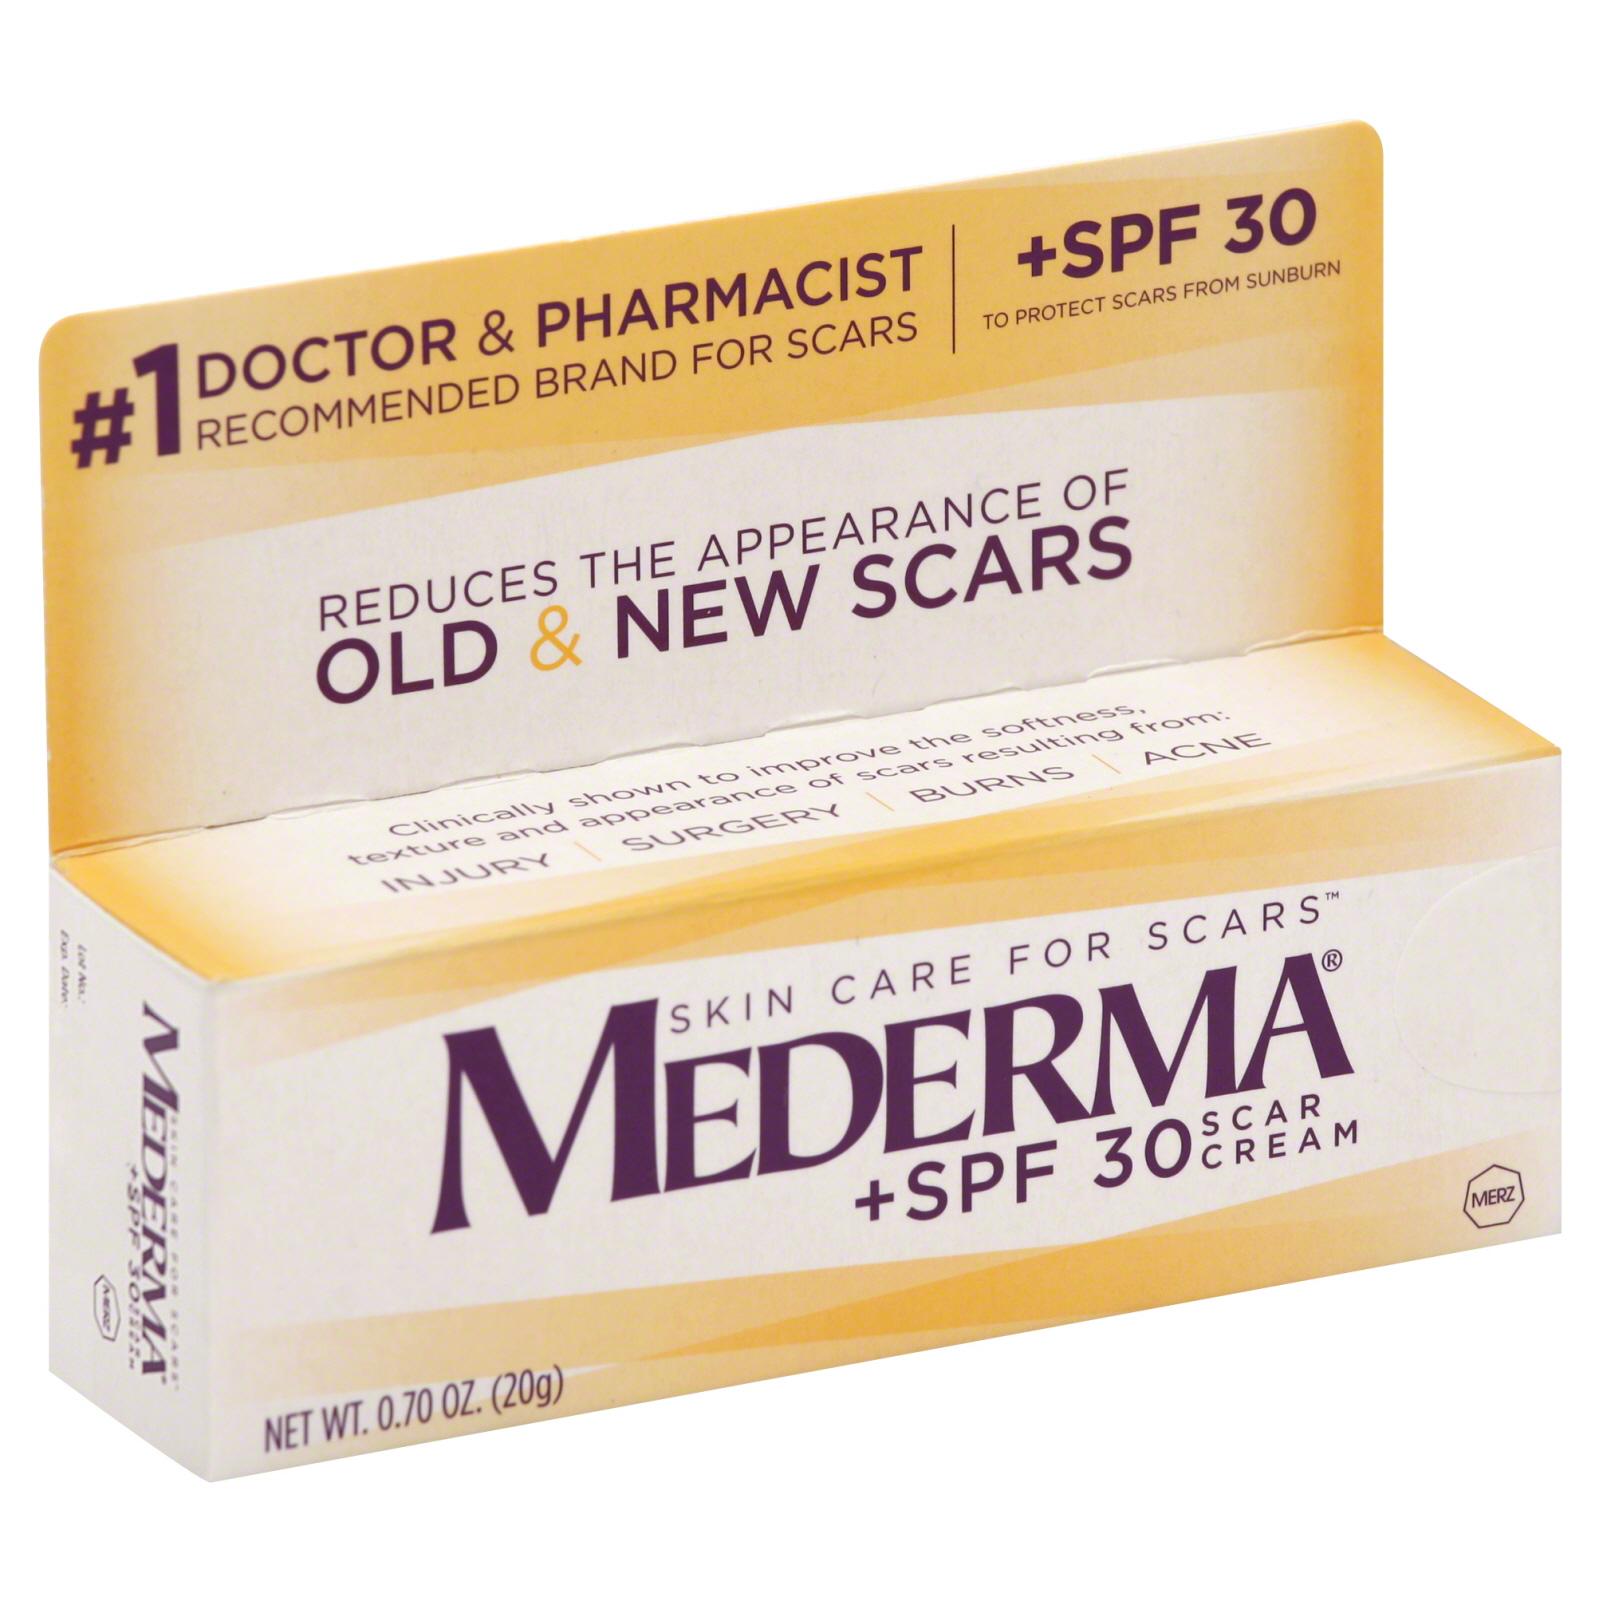 Mederma Skin Care for Scars Cream 0.70 oz (20 g)